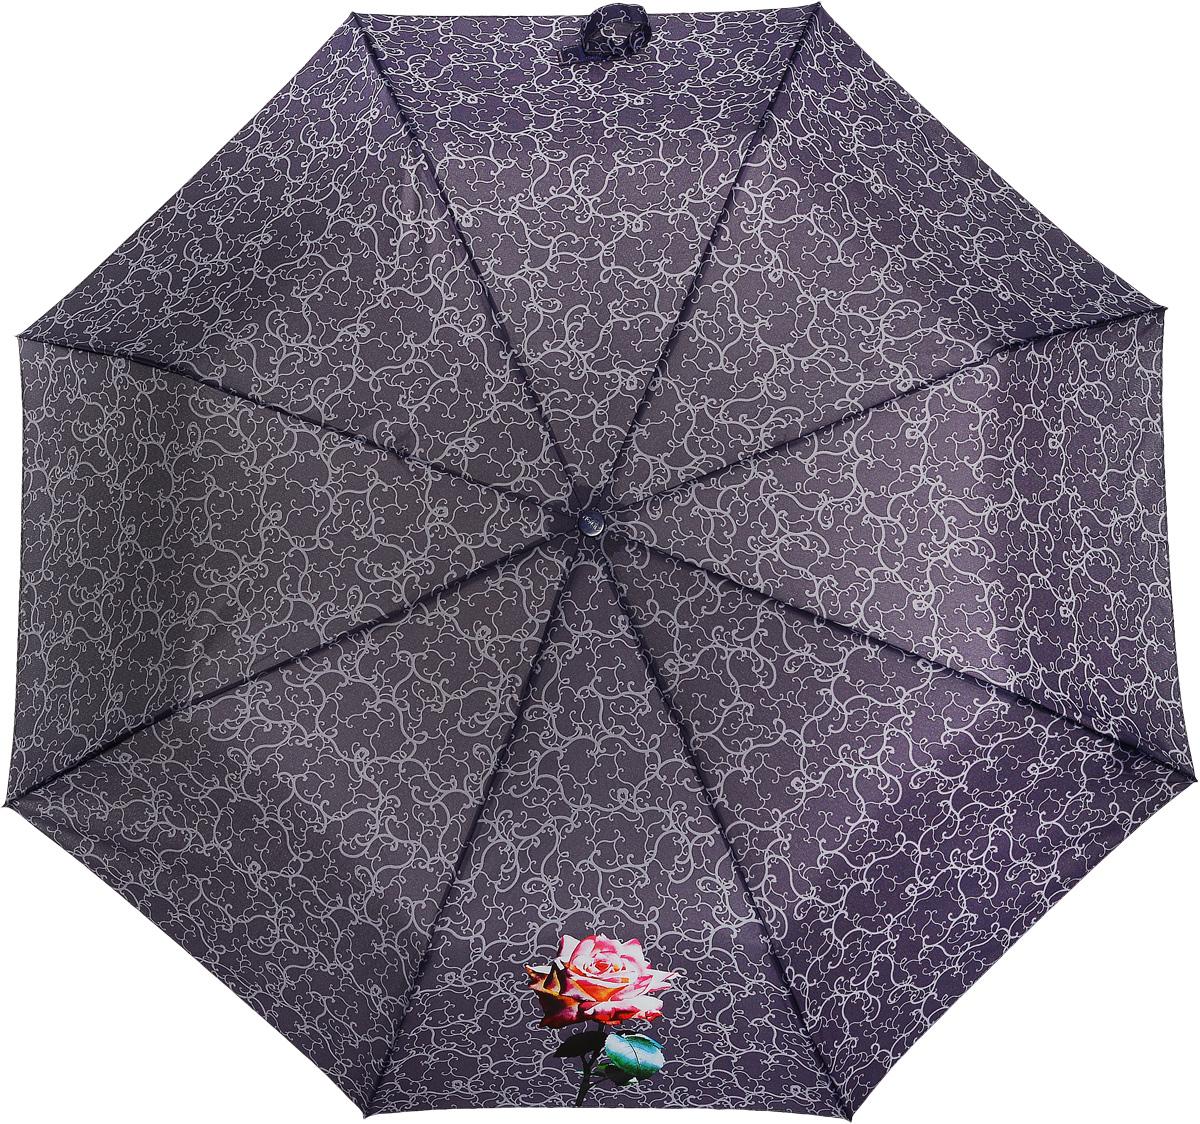 Зонт женский Airton, механический, 3 сложения, цвет: красно-коричневый, оранжевый. 3511-2003511-200Классический женский зонт Airton в 3 сложения имеет механическую систему открытия и закрытия. Каркас зонта выполнен из восьми спиц на прочном стержне. Купол зонта изготовлен из прочного полиэстера. Практичная рукоятка закругленной формы разработана с учетом требований эргономики и выполнена из качественного пластика с противоскользящей обработкой. Такой зонт оснащен системой антиветер, которая позволяет спицам при порывах ветрах выгибаться наизнанку, и при этом не ломаться. К зонту прилагается чехол.